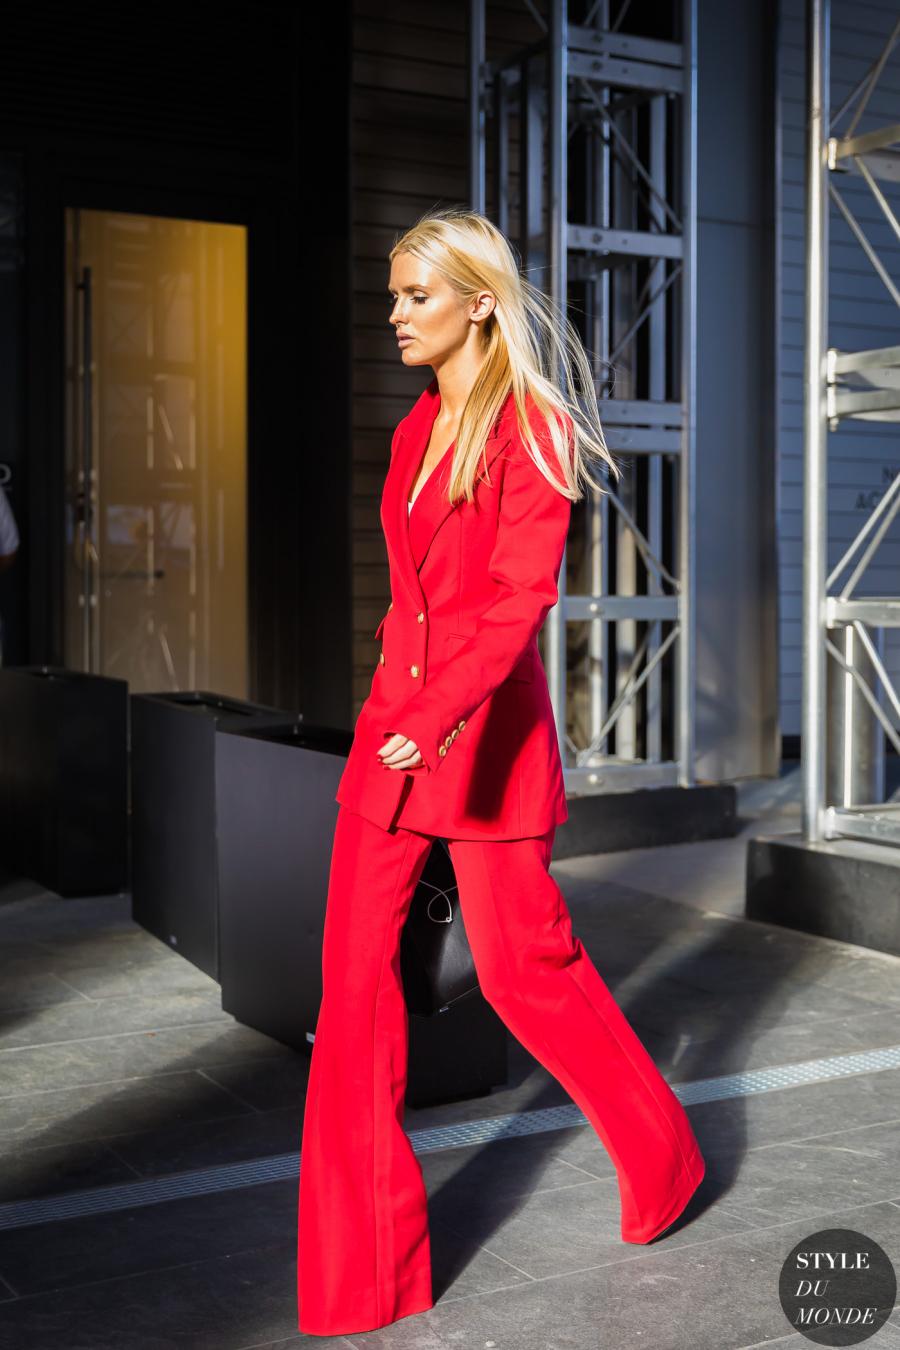 Sắc đỏ làm bộ suit hằng ngày trở nên ấn tượng hơn.